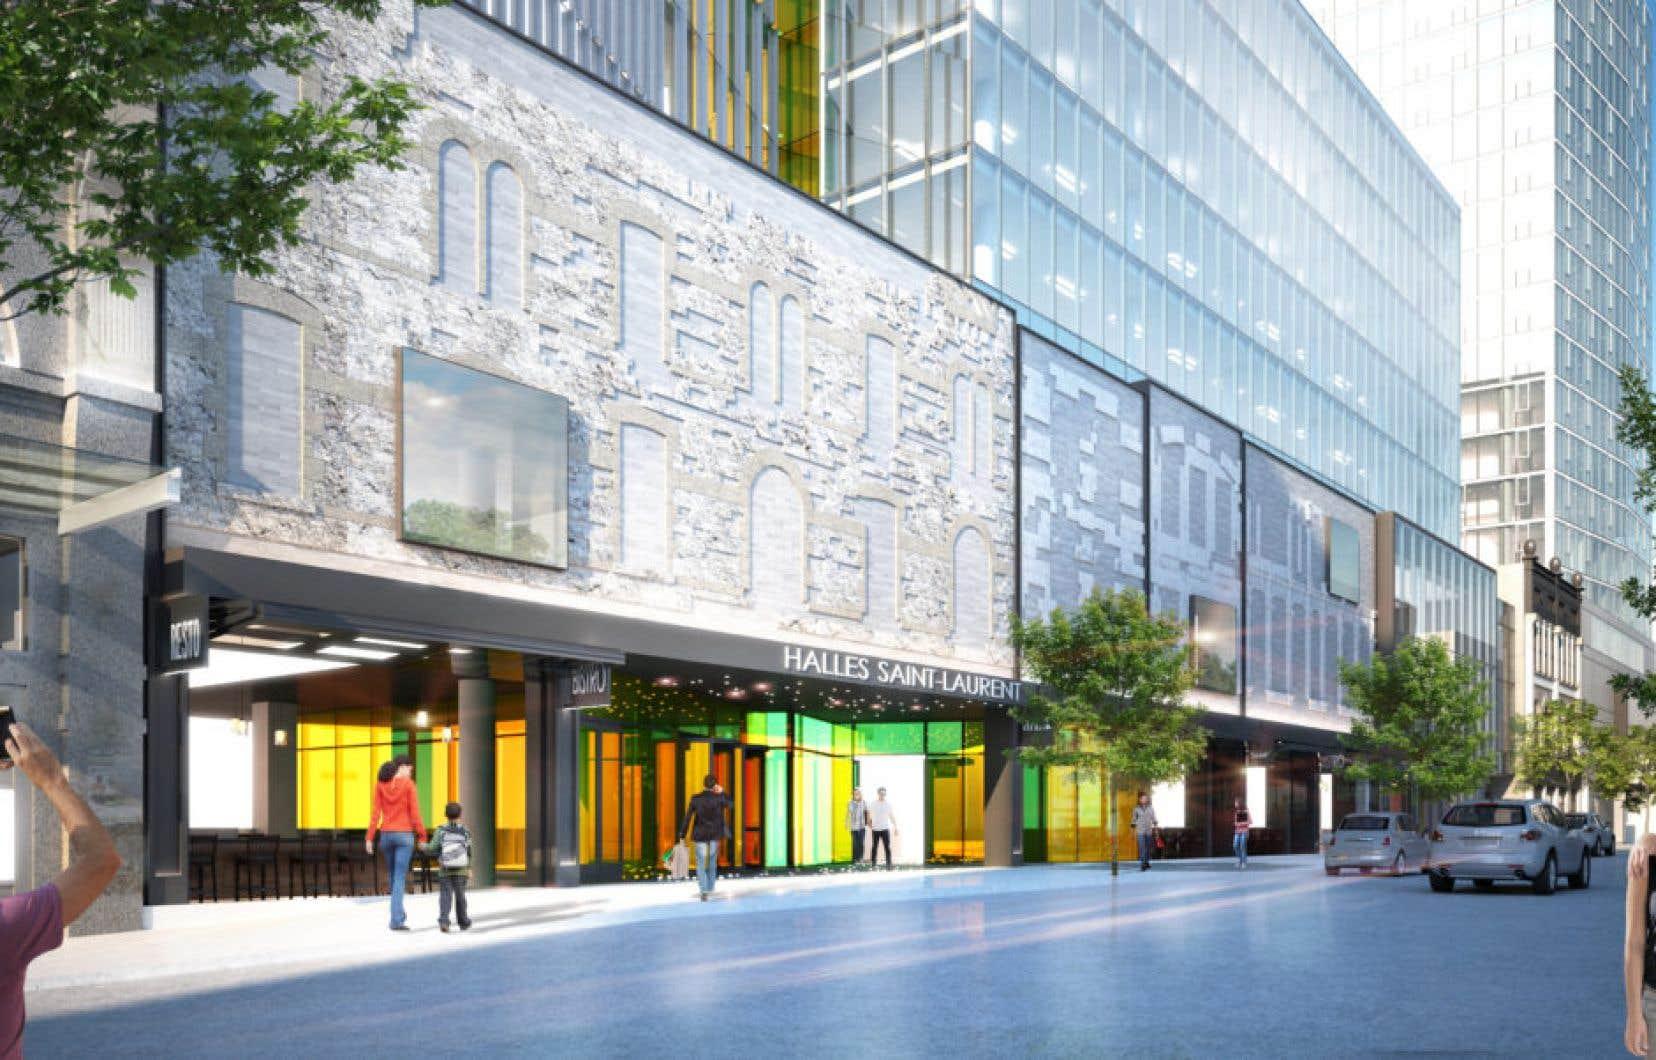 L'auteure décrit le projet comme étant «une façade flottante qui ressemble à un mauvais décor de théâtre».